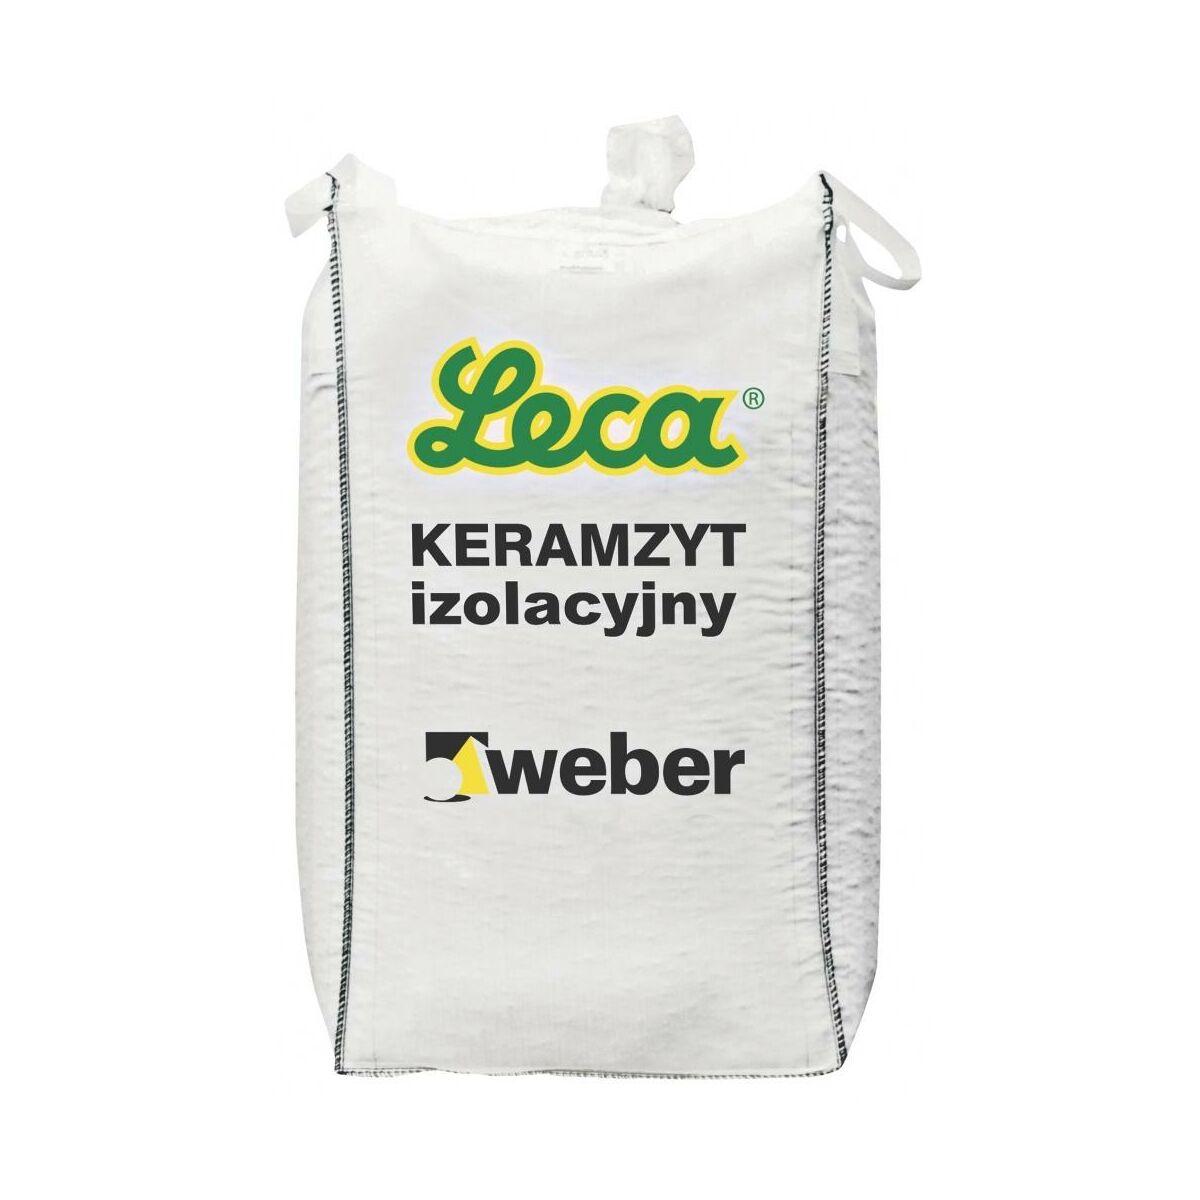 Keramzyt Izolacyjny Big Bag 2 M3 Weber Piasek Keramzyt W